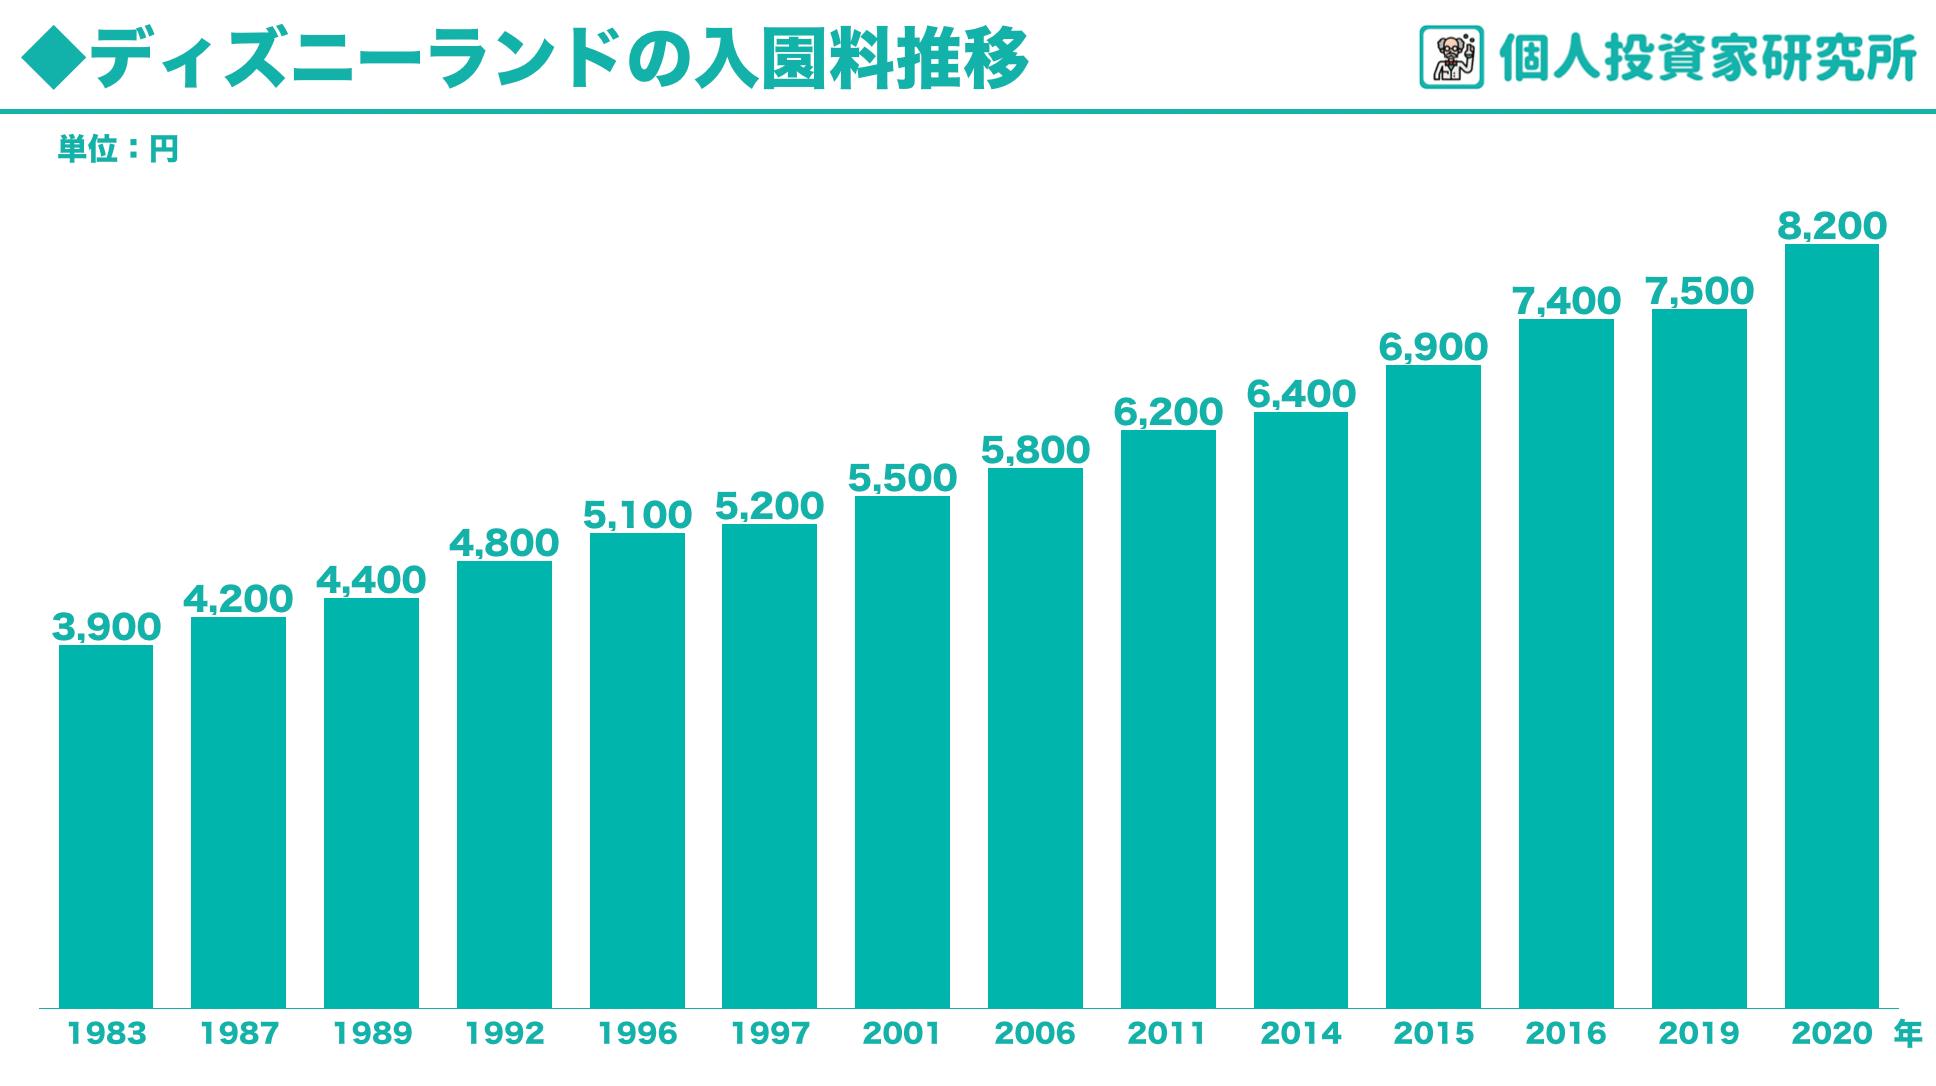 【グラフ】ディズニーランドとUSJの入園料・入場料の推移を調べてみました(値上げの歴史)1